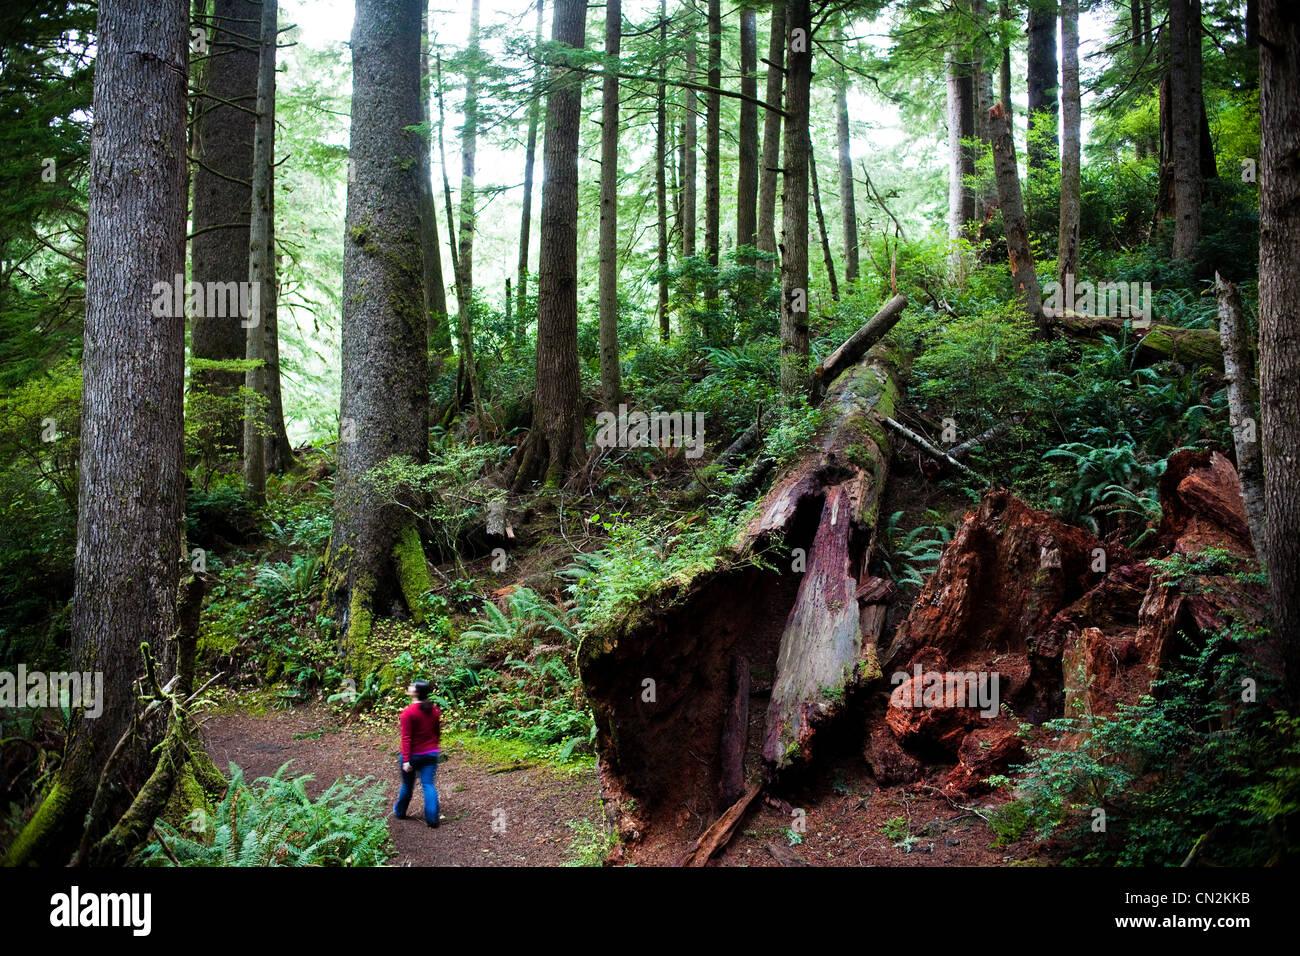 Frau zu Fuß durch Wald mit umgestürzten Baum Stockbild